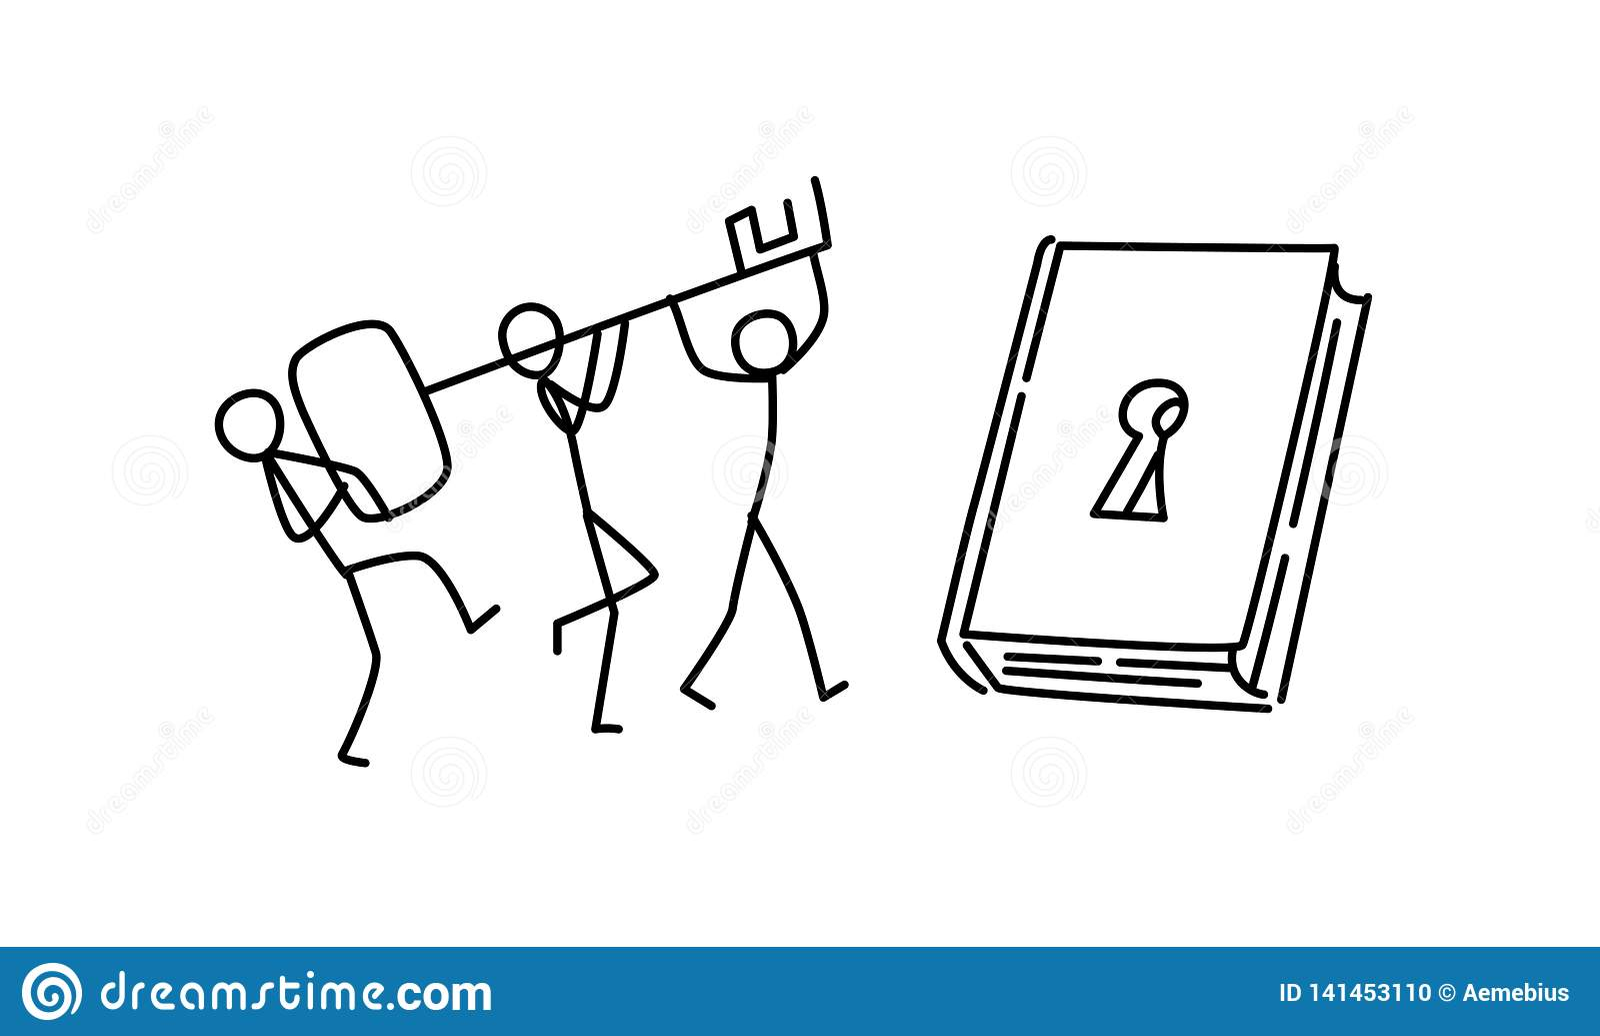 Illustratie van mensen die nieuwe kennis ontdekken Vector Open een boek Gezamenlijke personeel opleiding metafoor lineaire stijl